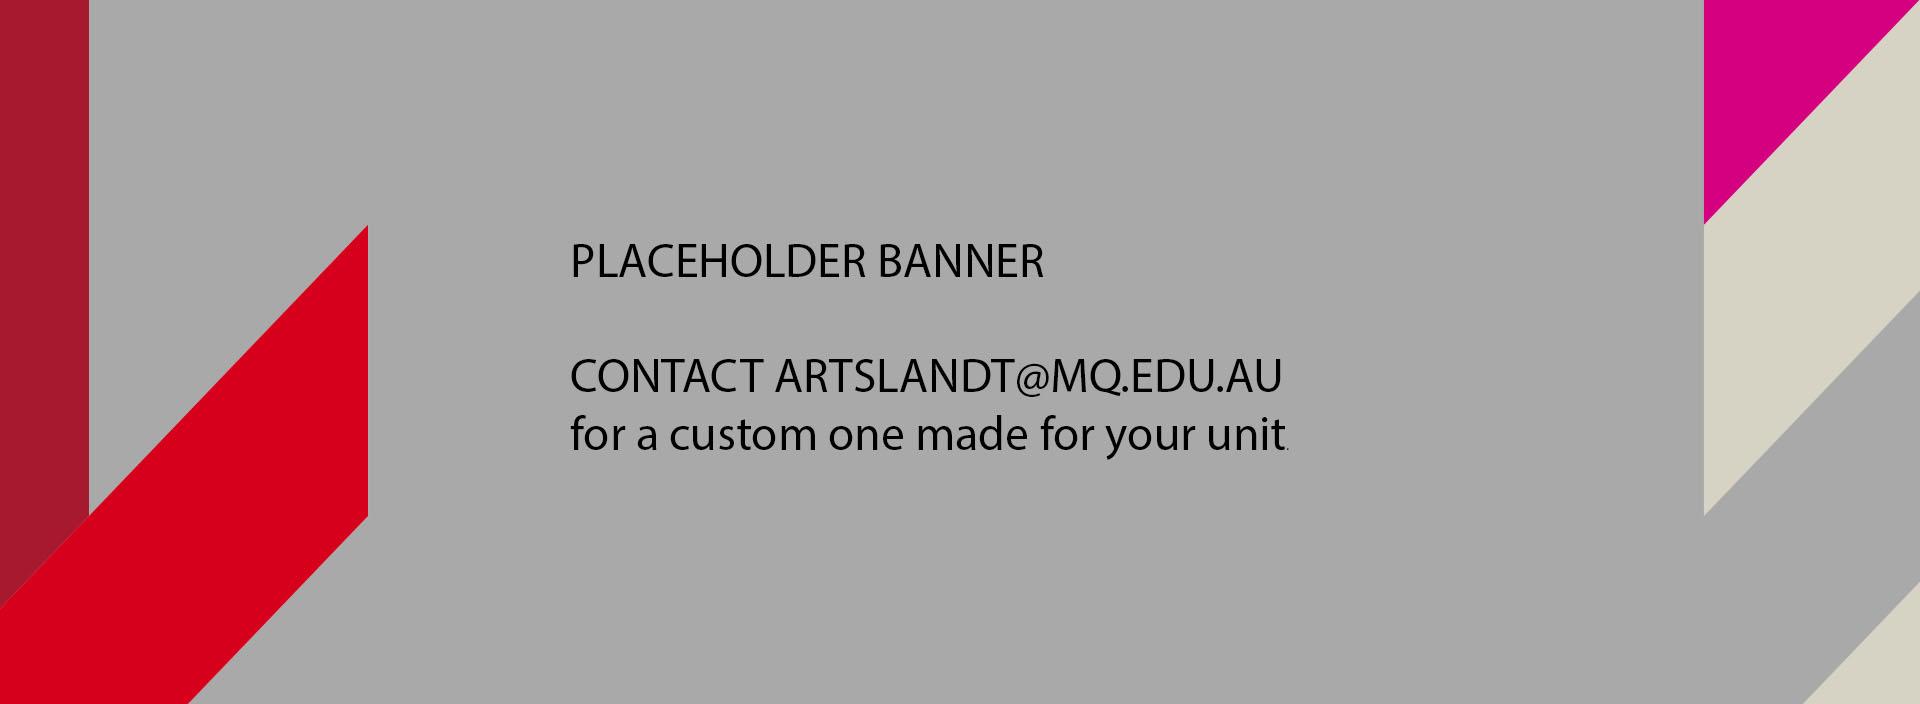 hero_banner_placeholder